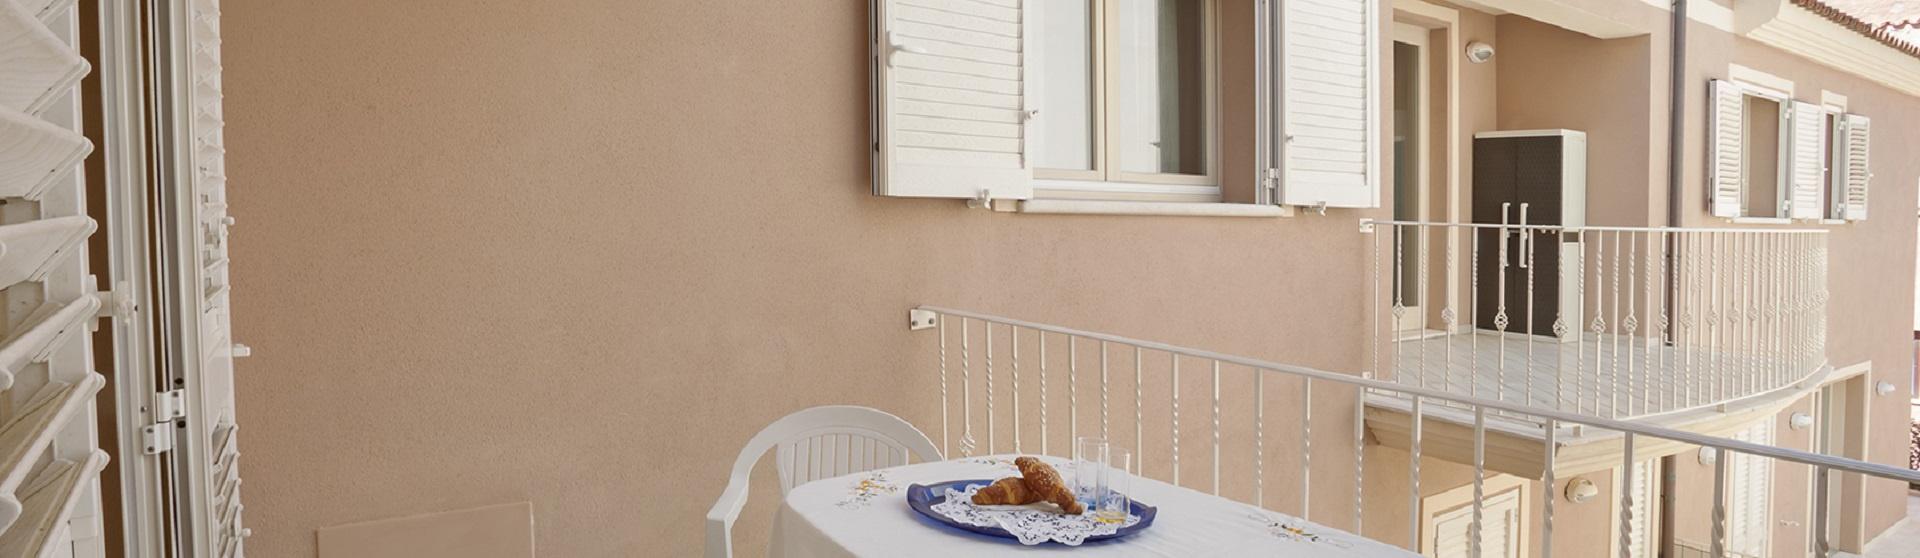 2 Camere da Letto, 1 Stanze, Trilocale, Affitto case vacanza, 2 Bagni, ID Annuncio 1014, 50 mt. dal amre, posto auto